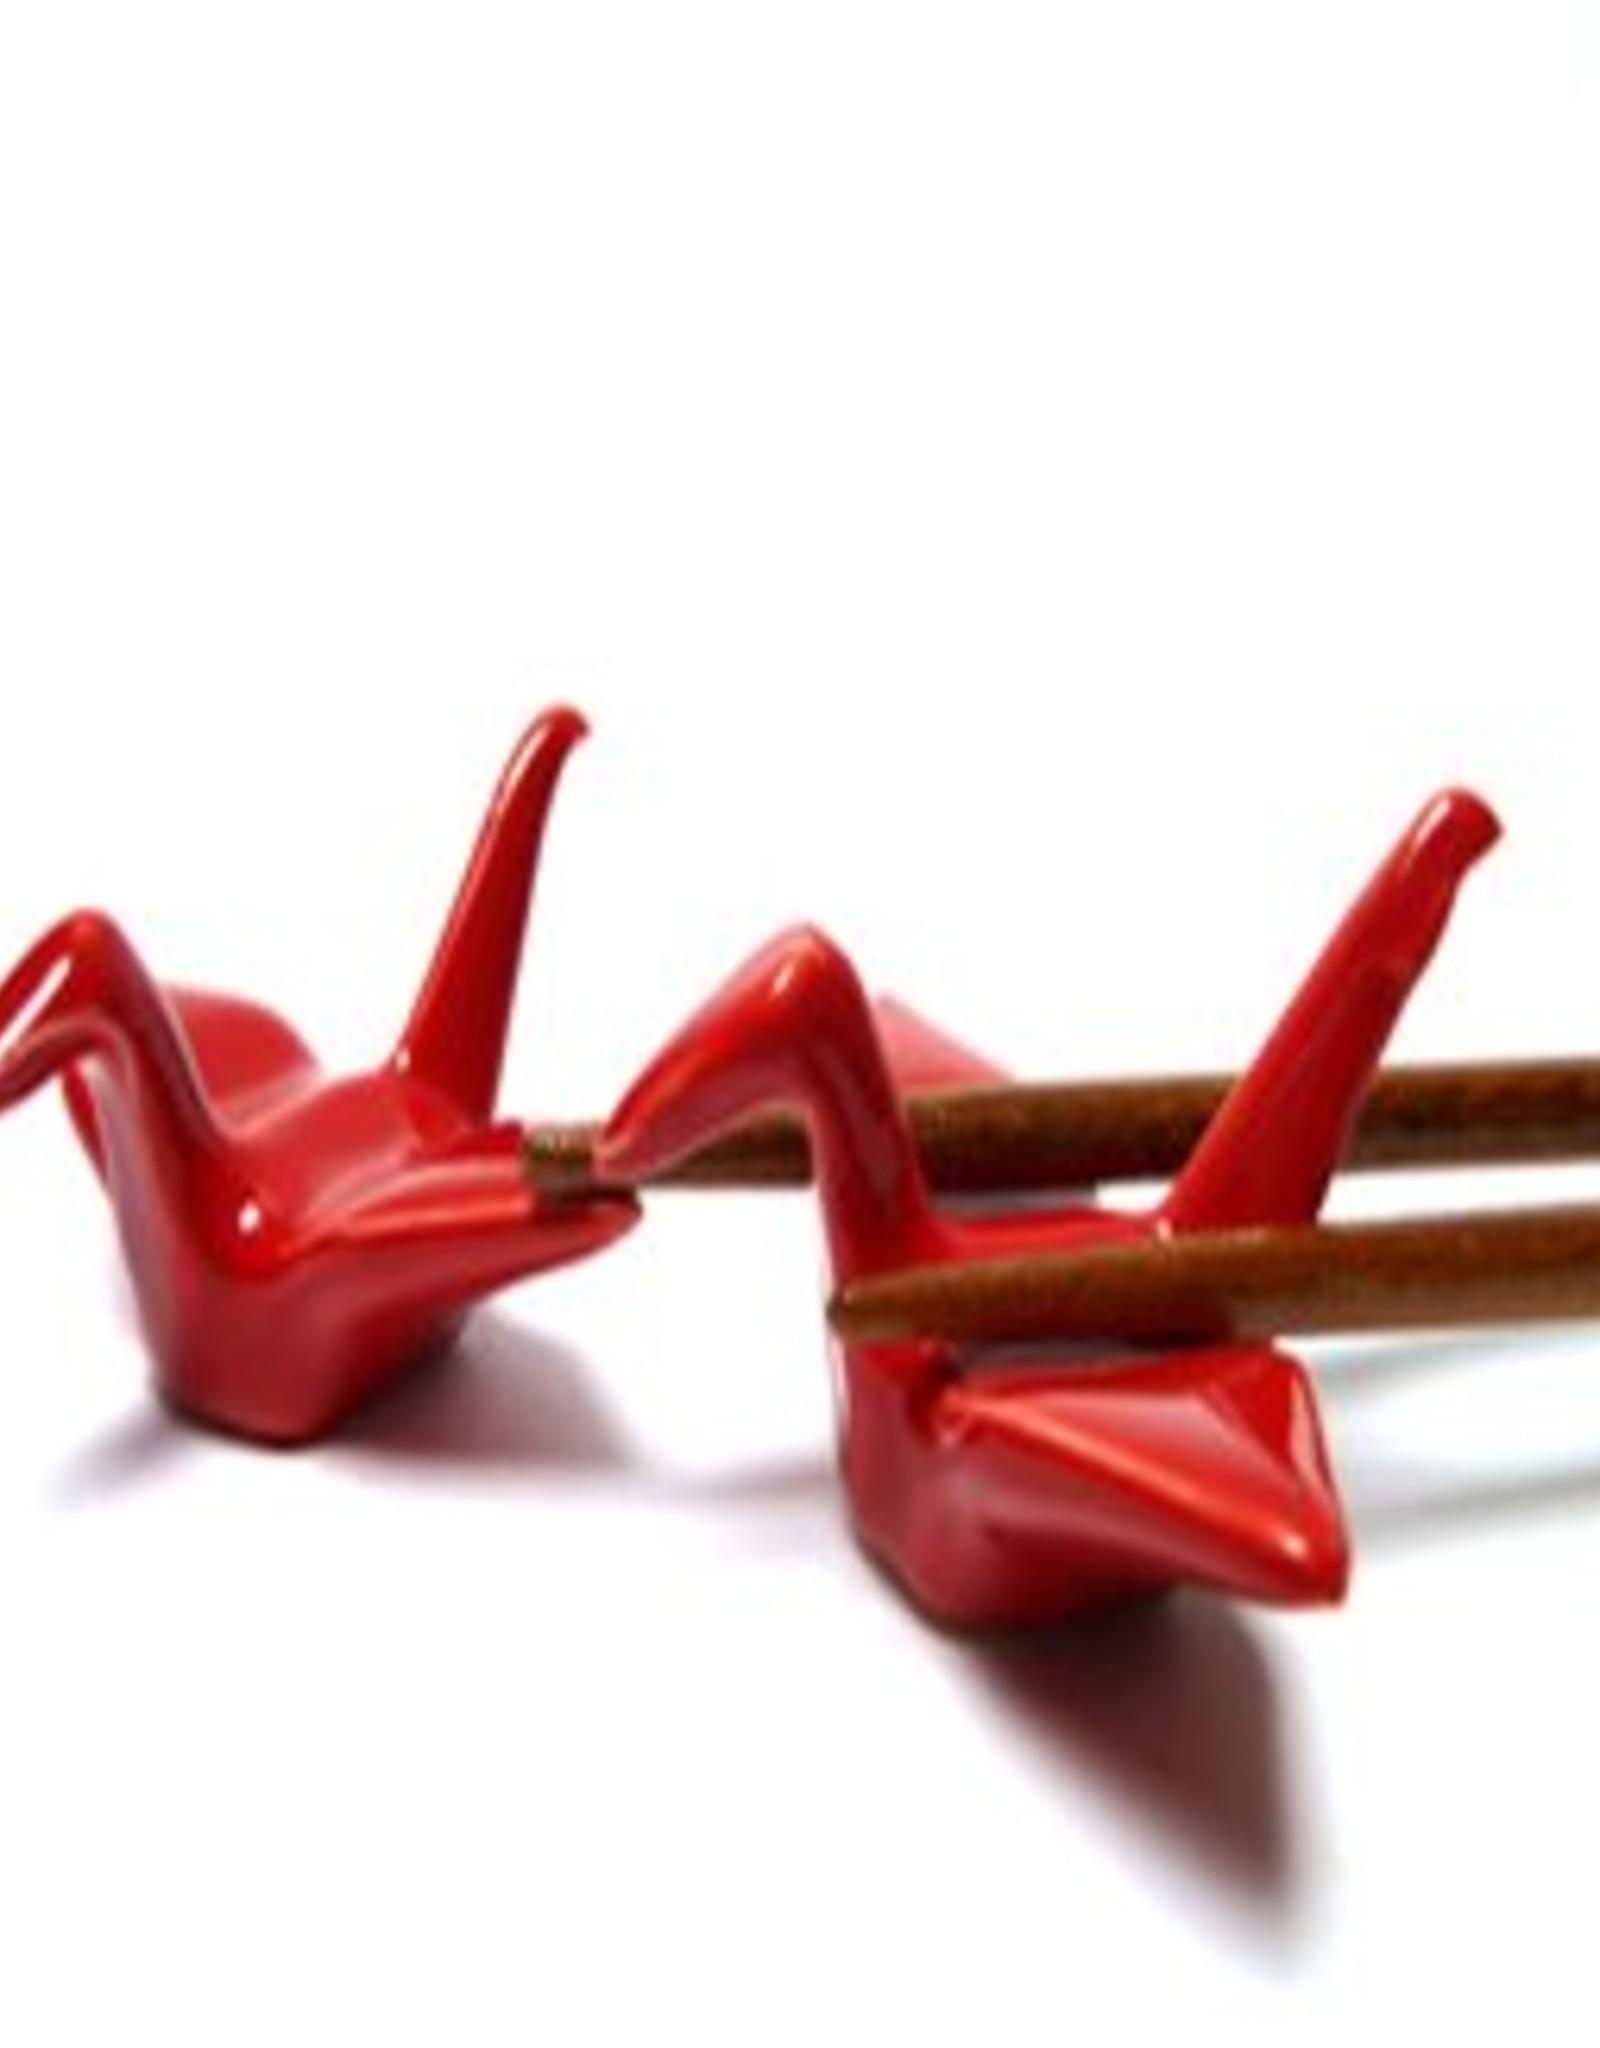 Red crane chopsticks holder (2 pieces)